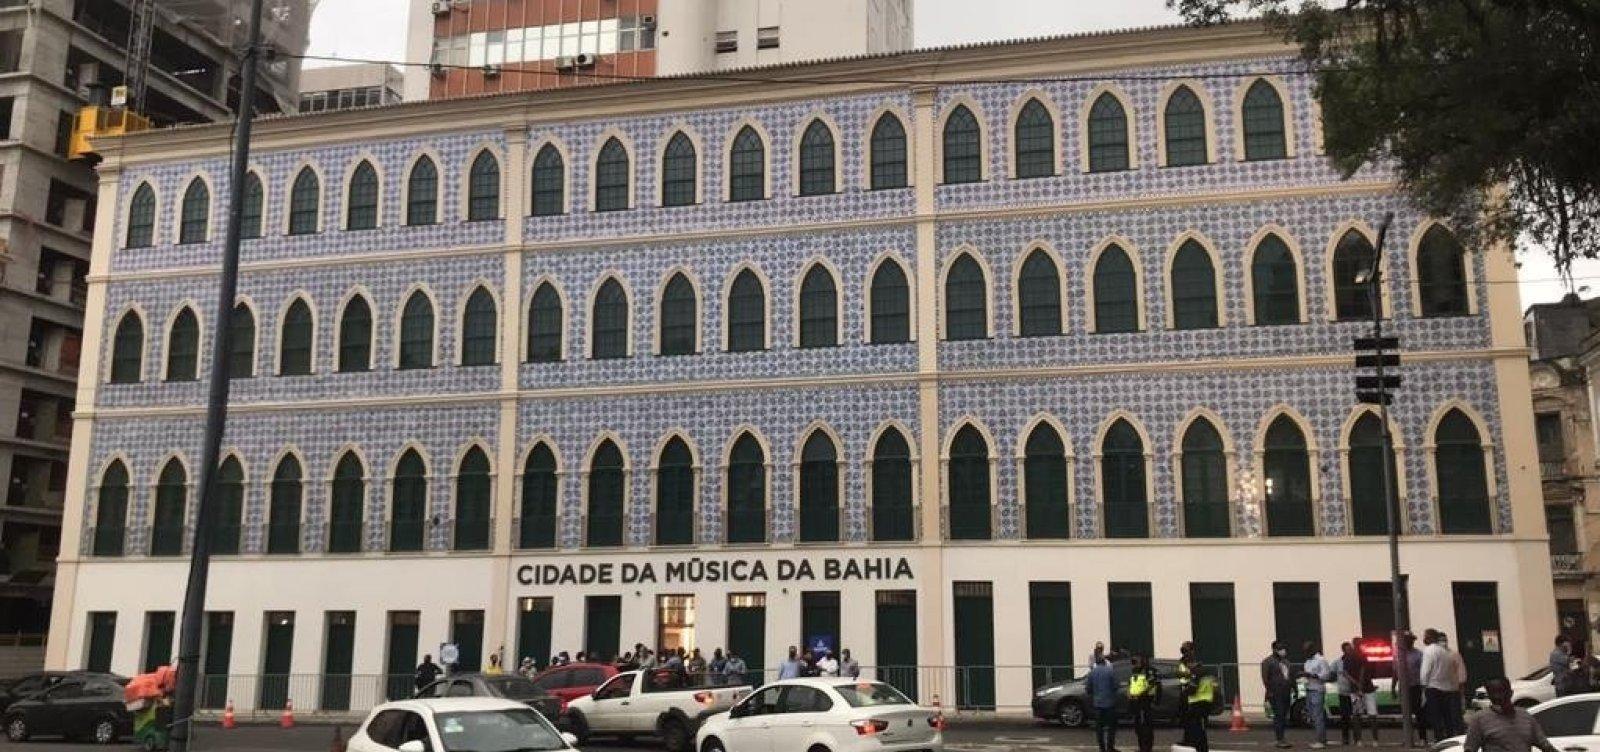 Interativo e com entrada gratuita às quartas, Cidade da Música é inaugurado em Salvador